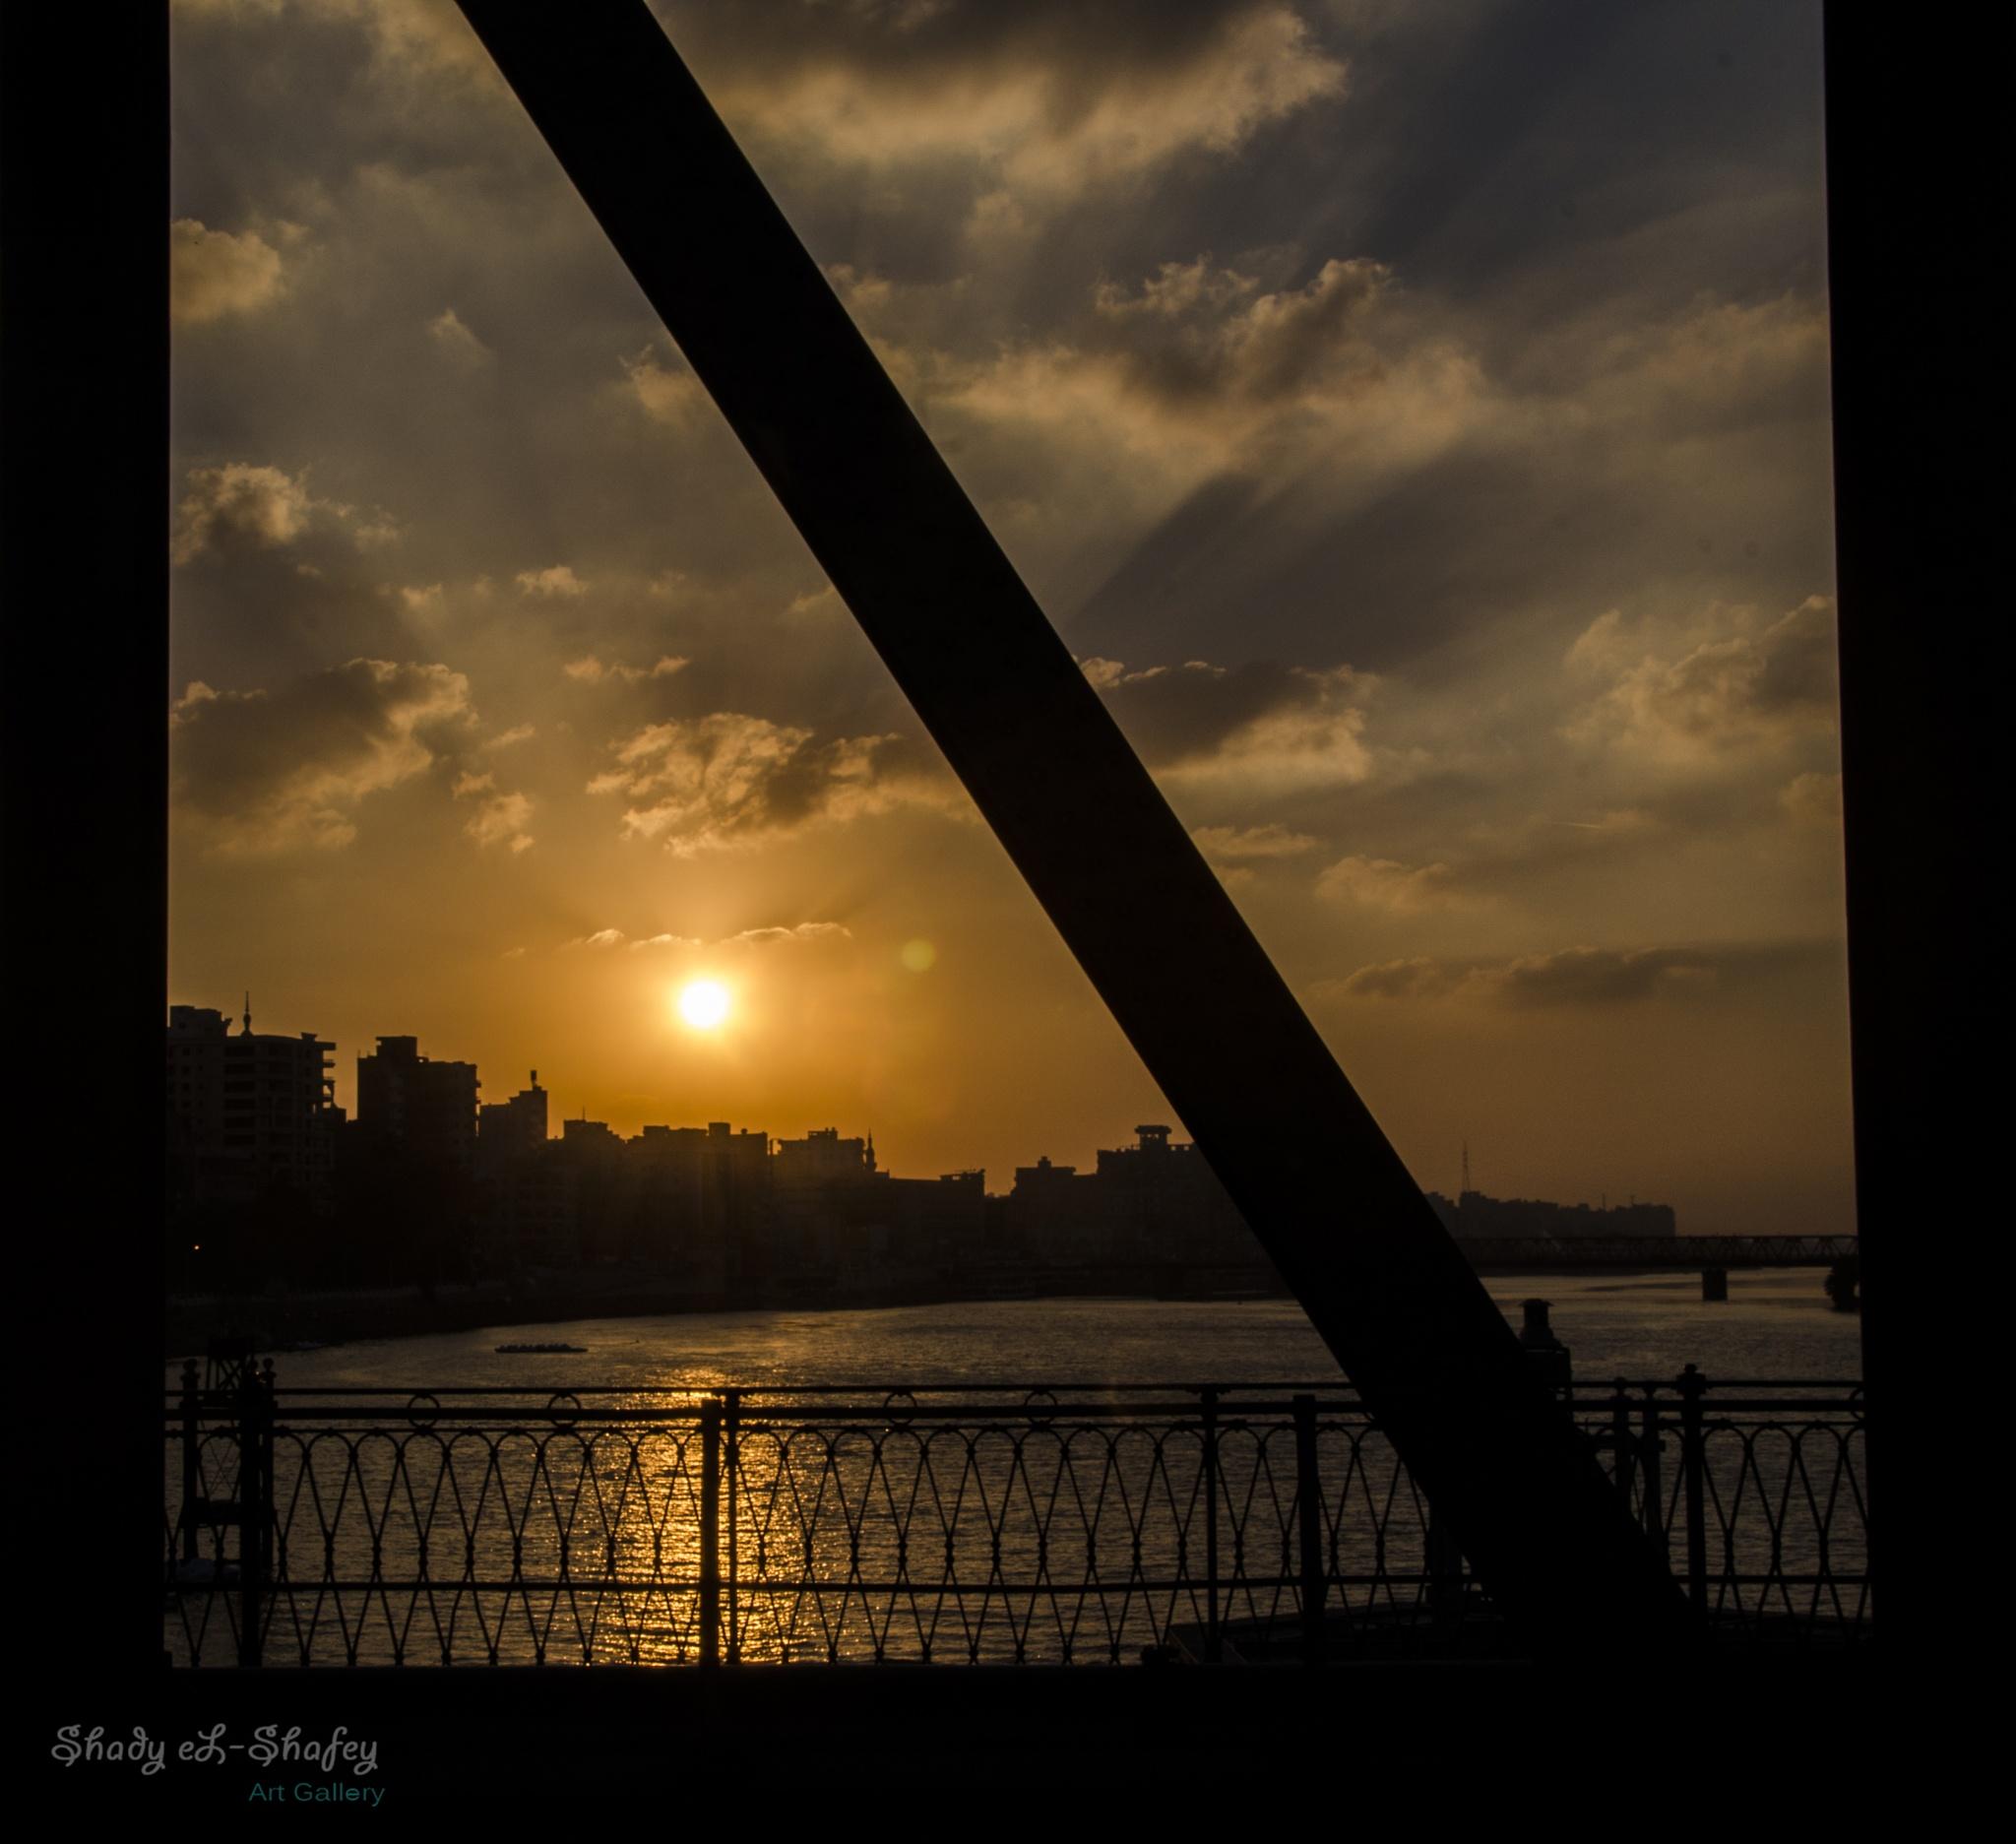 sunset by Shady EL-Shafey